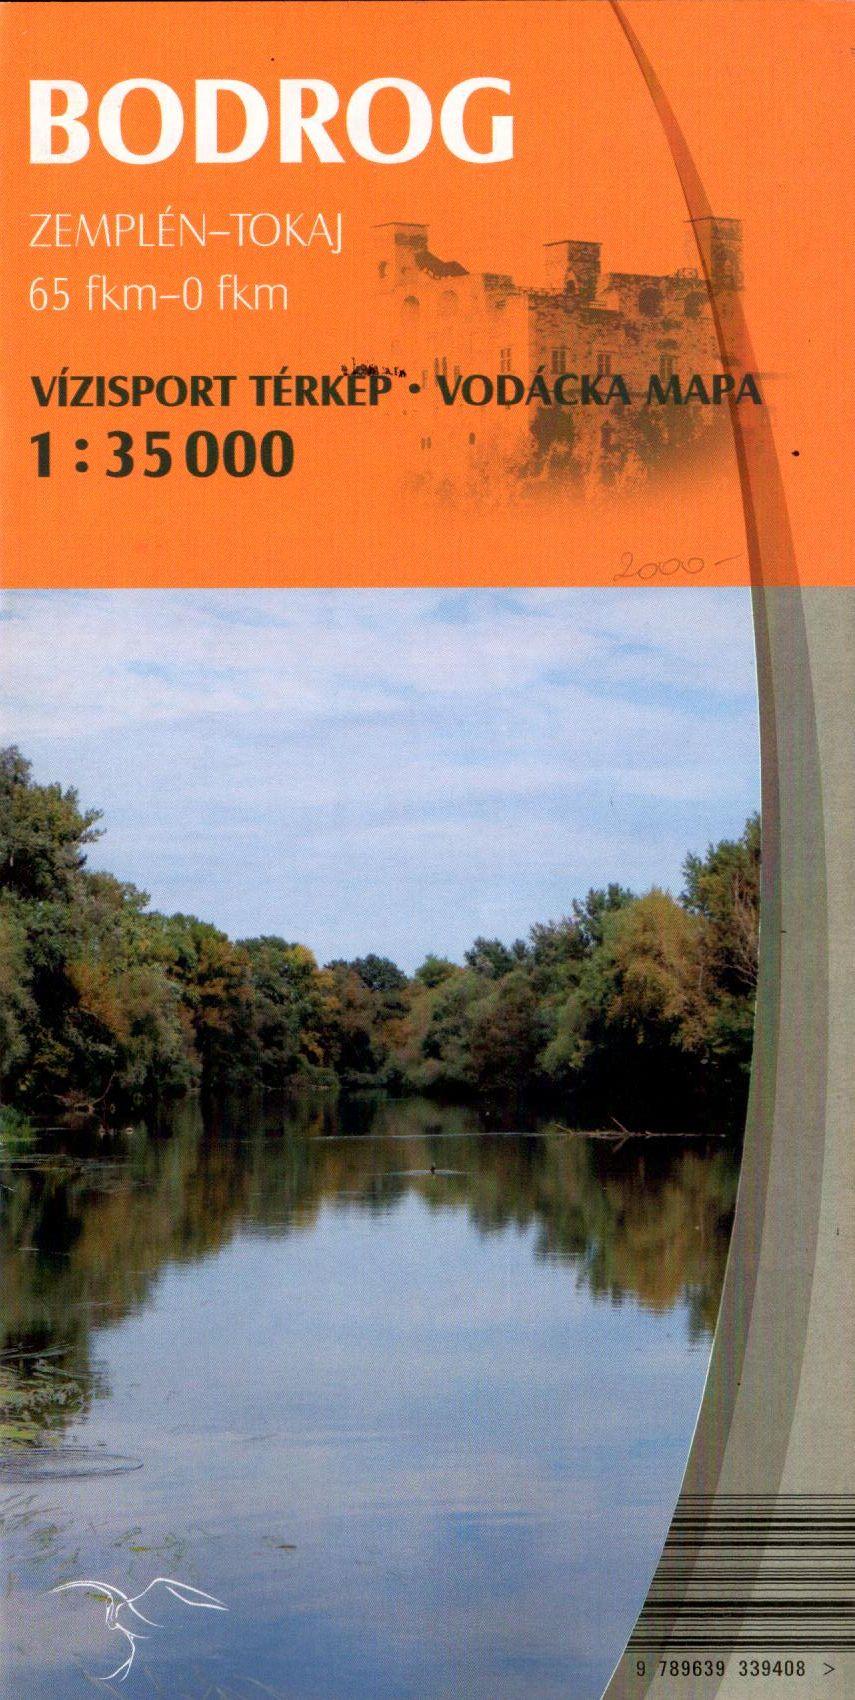 Bodrog vizisport térkép Zempléntől (65 fkm) -Tokajig (0 fkm)